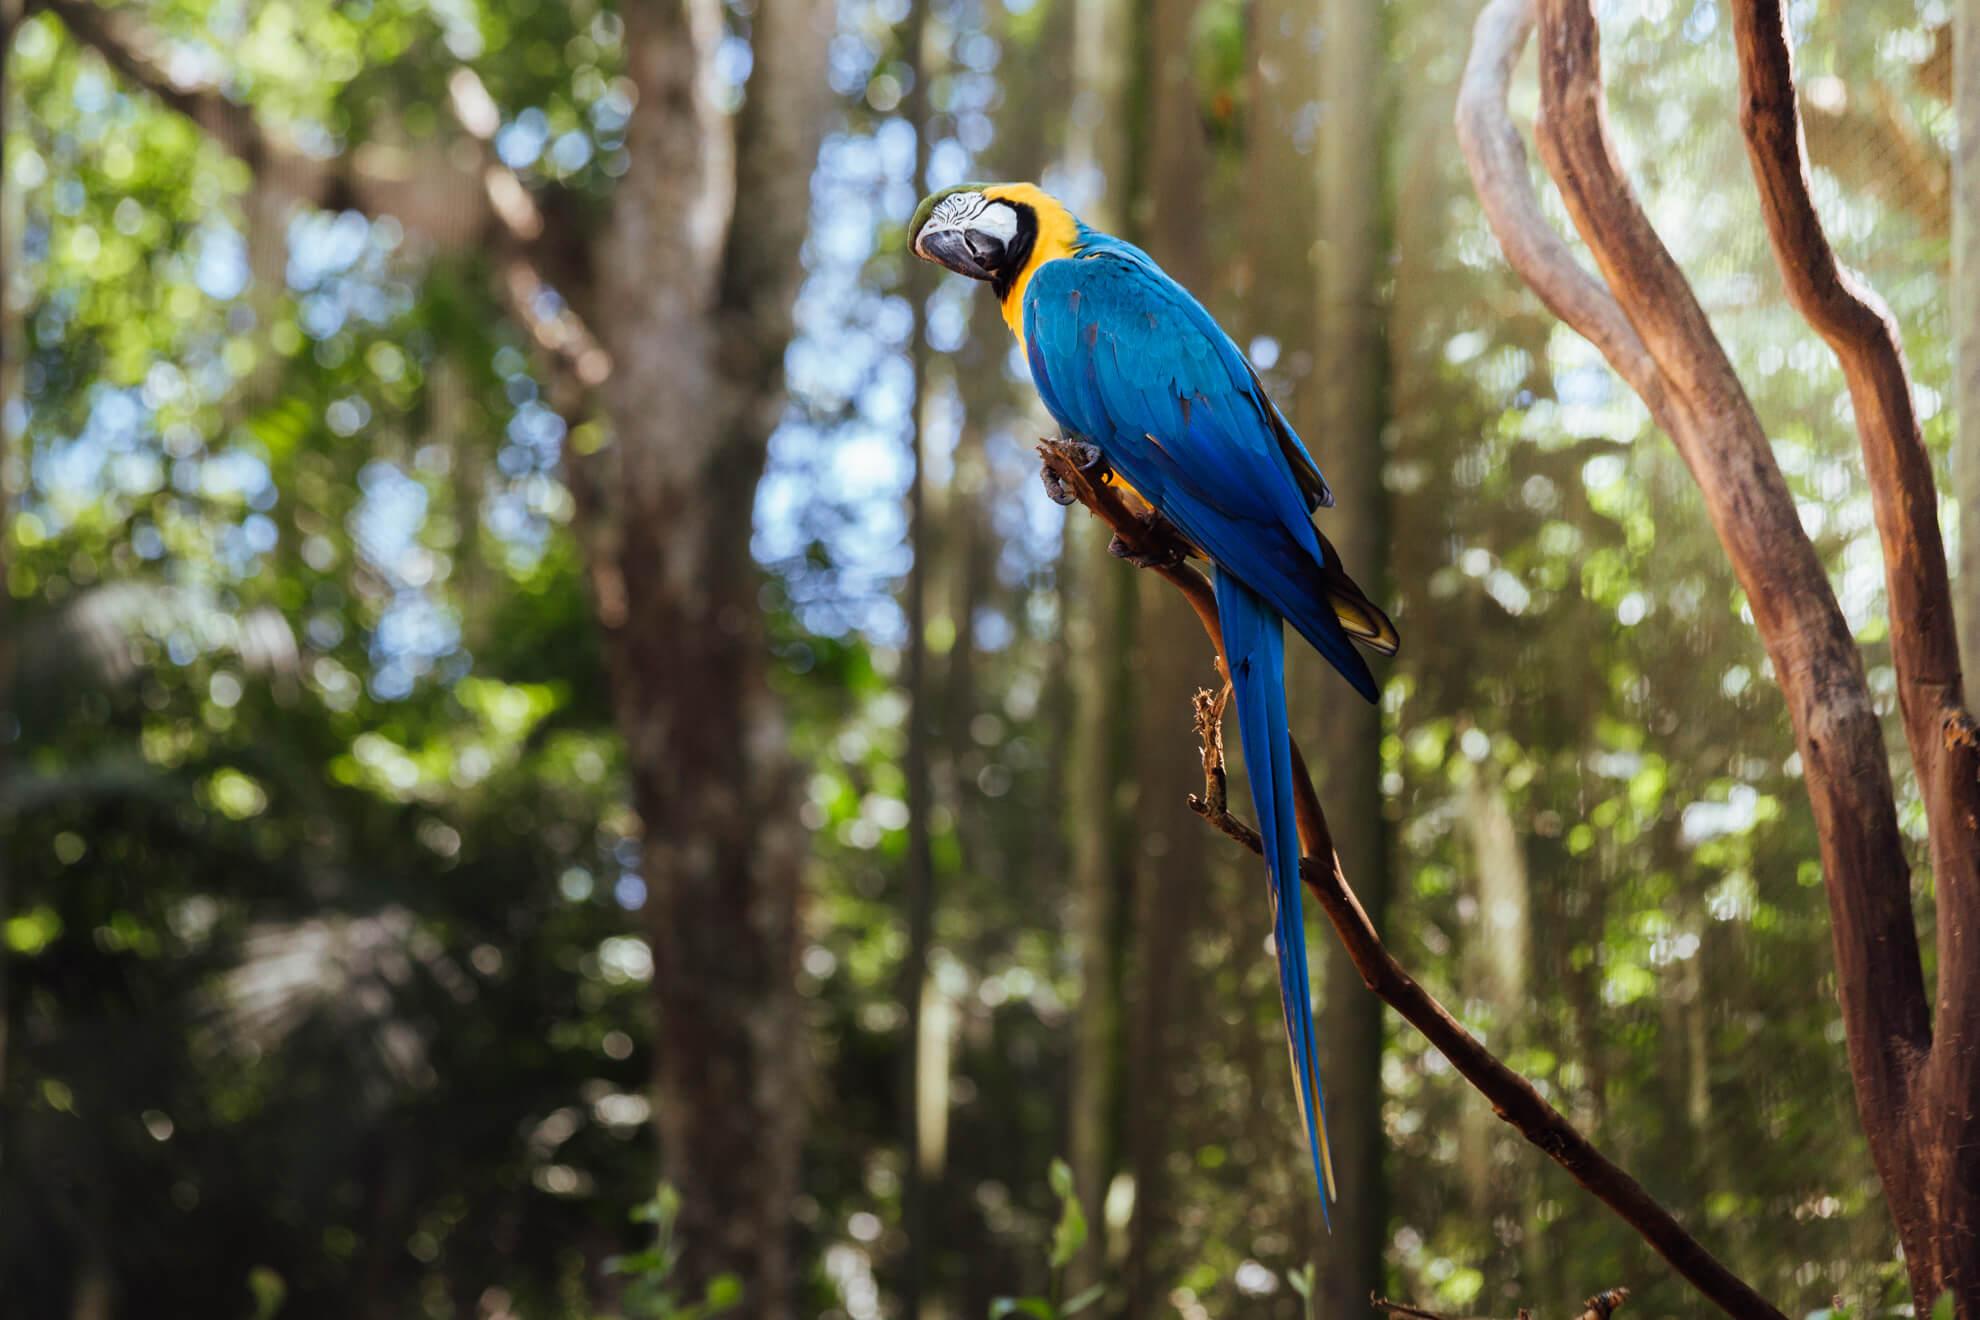 Parque das Aves, Foz do Iguaçu | Arara Canindé